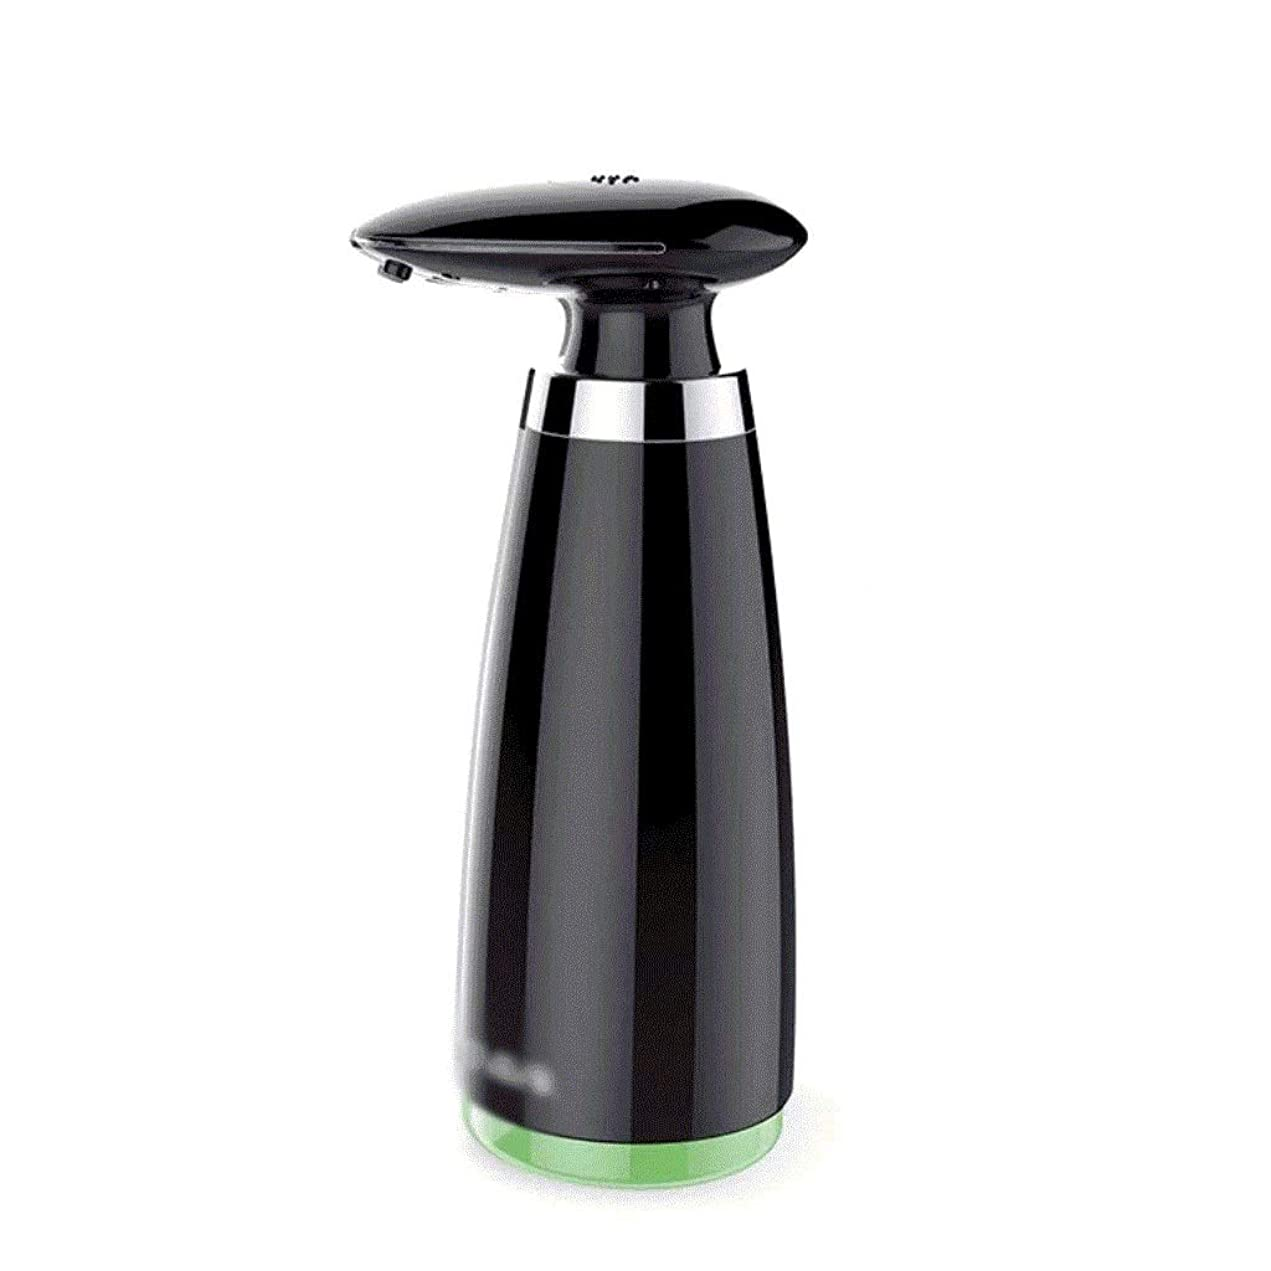 アプライアンスポジティブ成人期SHYPYG ディスペンサー用ソープディスペンサークリアプラスチックカウンタートップローションポンプキッチンとバスルームの石鹸シャンプーとローション (Color : B)